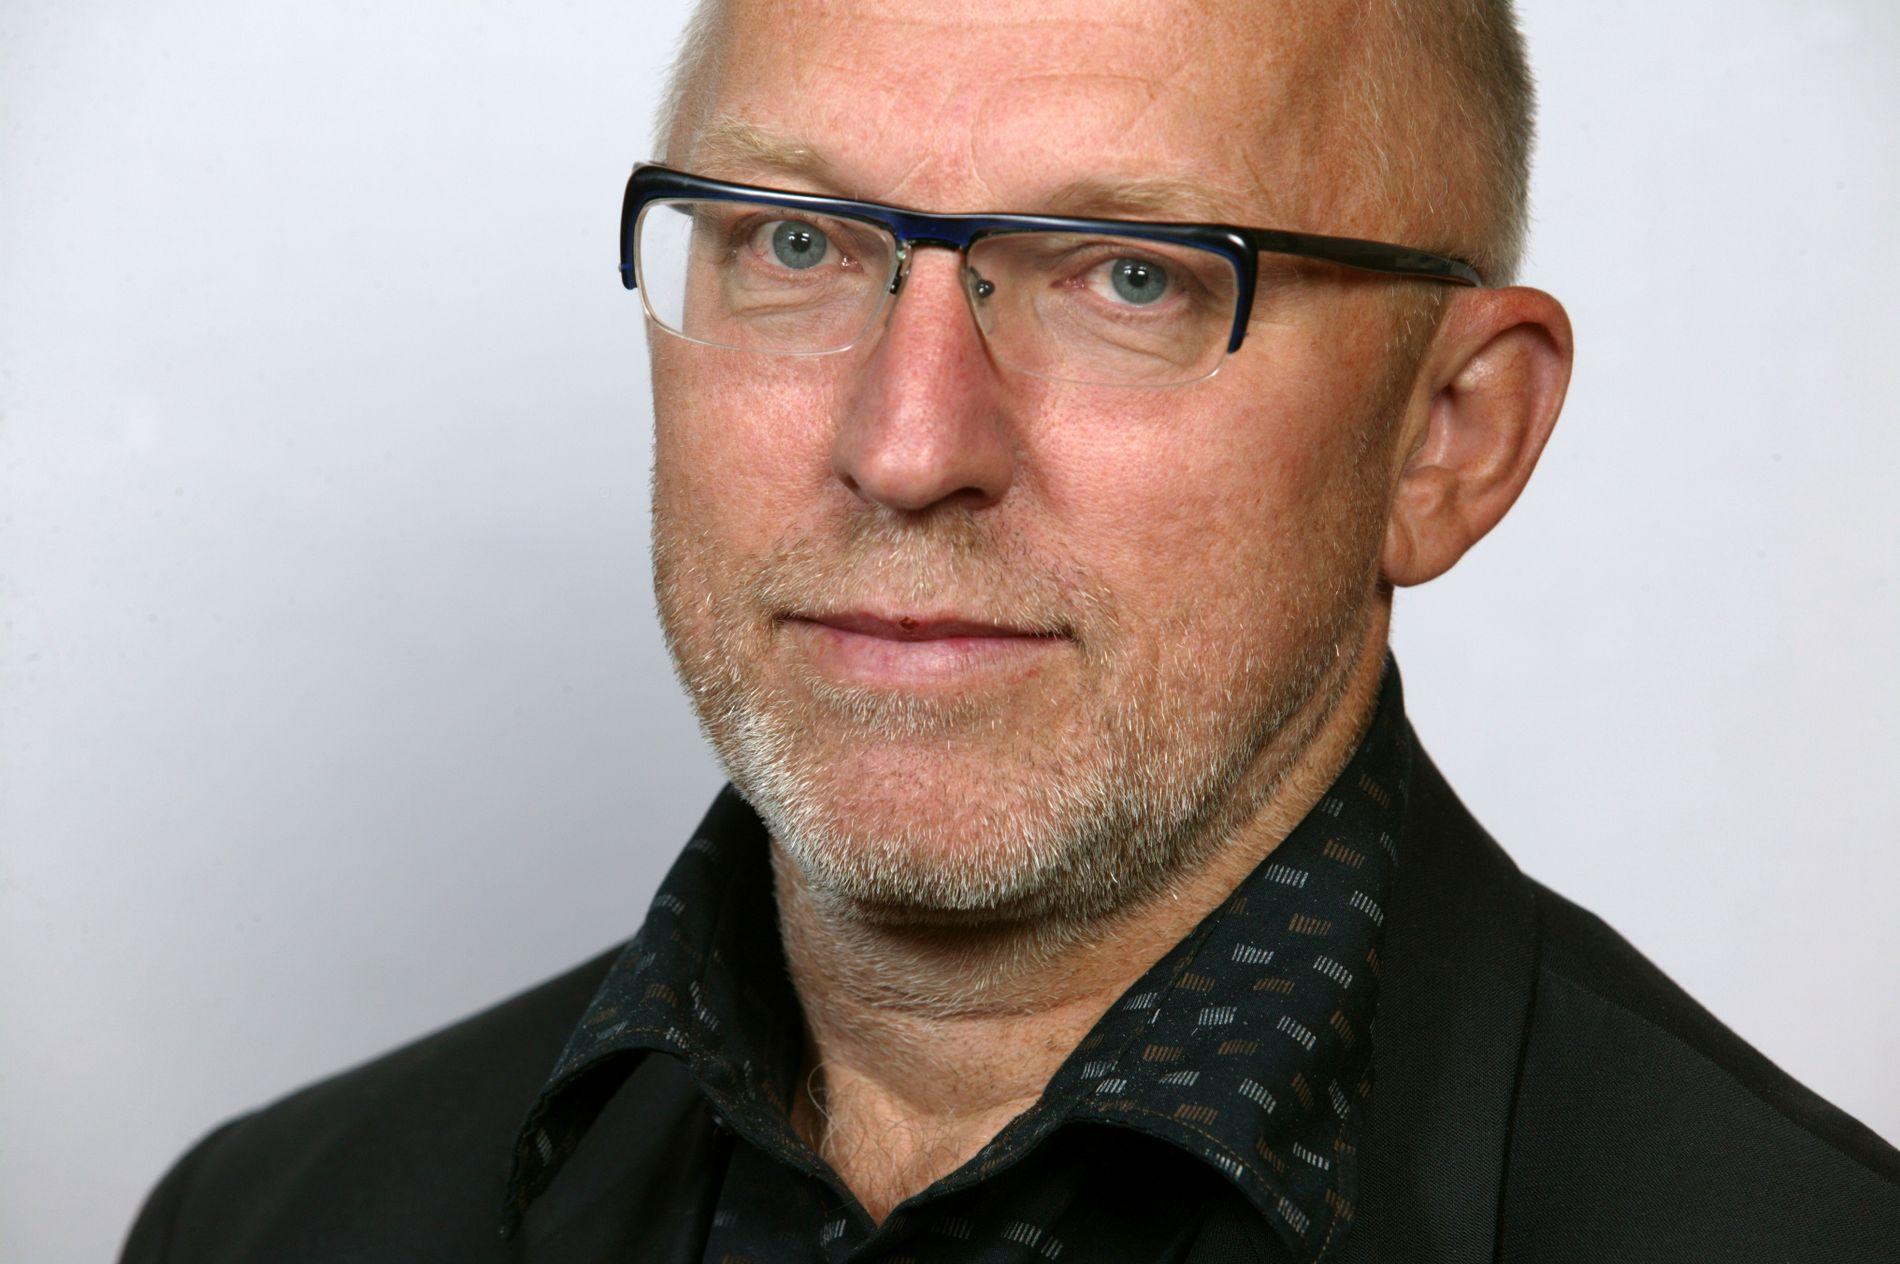 Mediekritiker, kommentator og tidligere redaktør Sven Egil Omdal har gått gjennom bilder bildearkivet til Scanpix for å se om Listhaug tidligere gikk med kors rundt halsen. Ifølge han har det bare skjedd en gang.